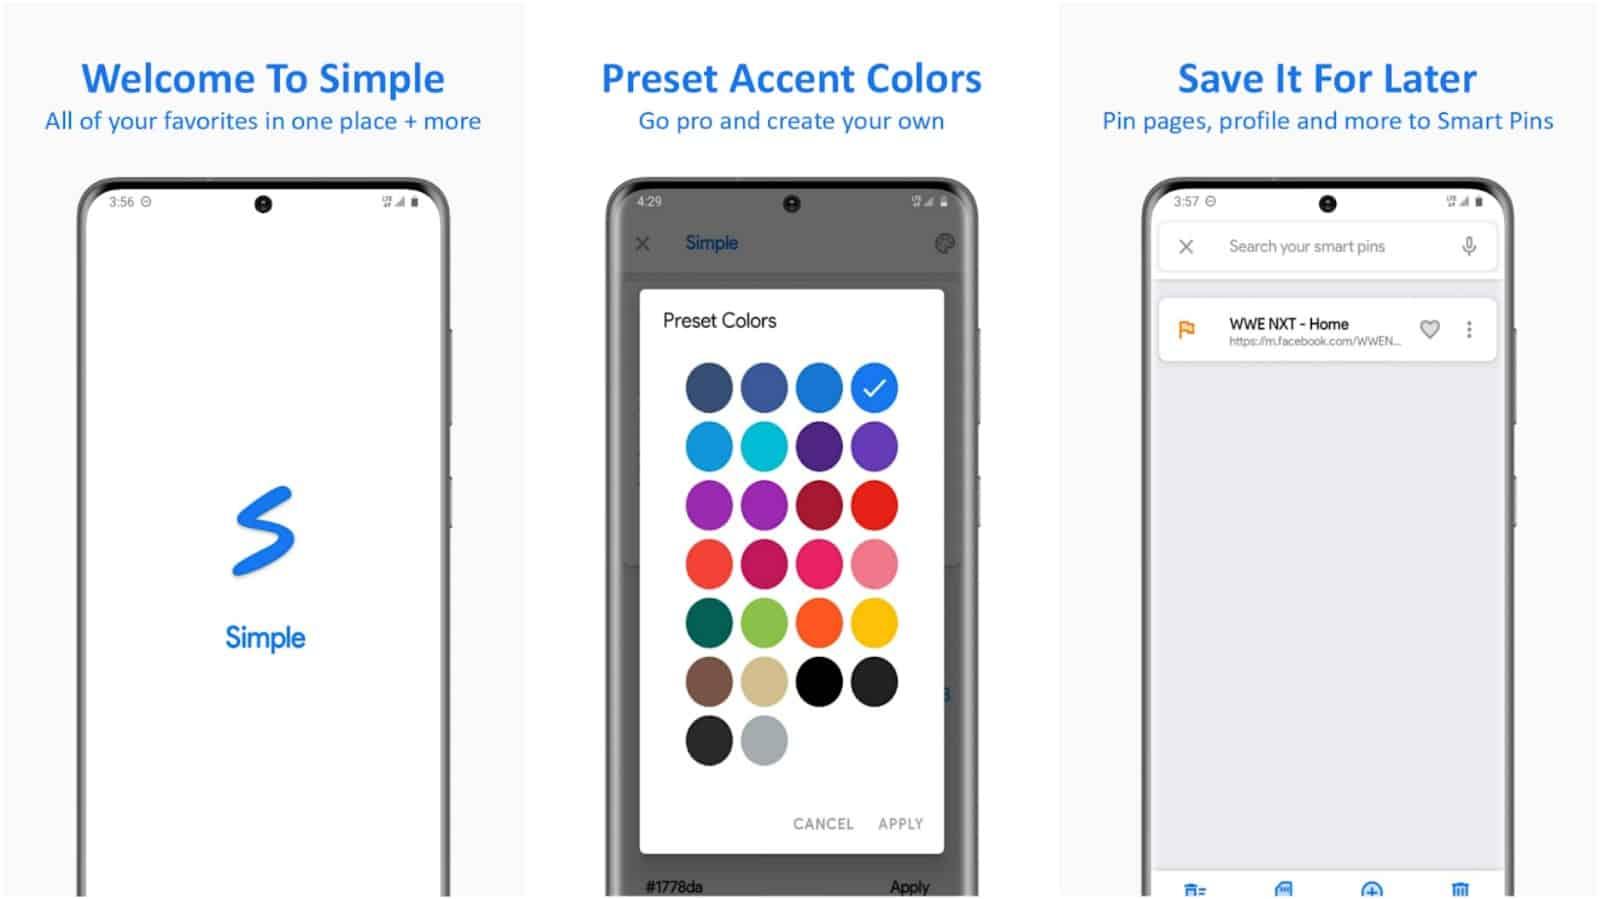 Simple Social app grid image